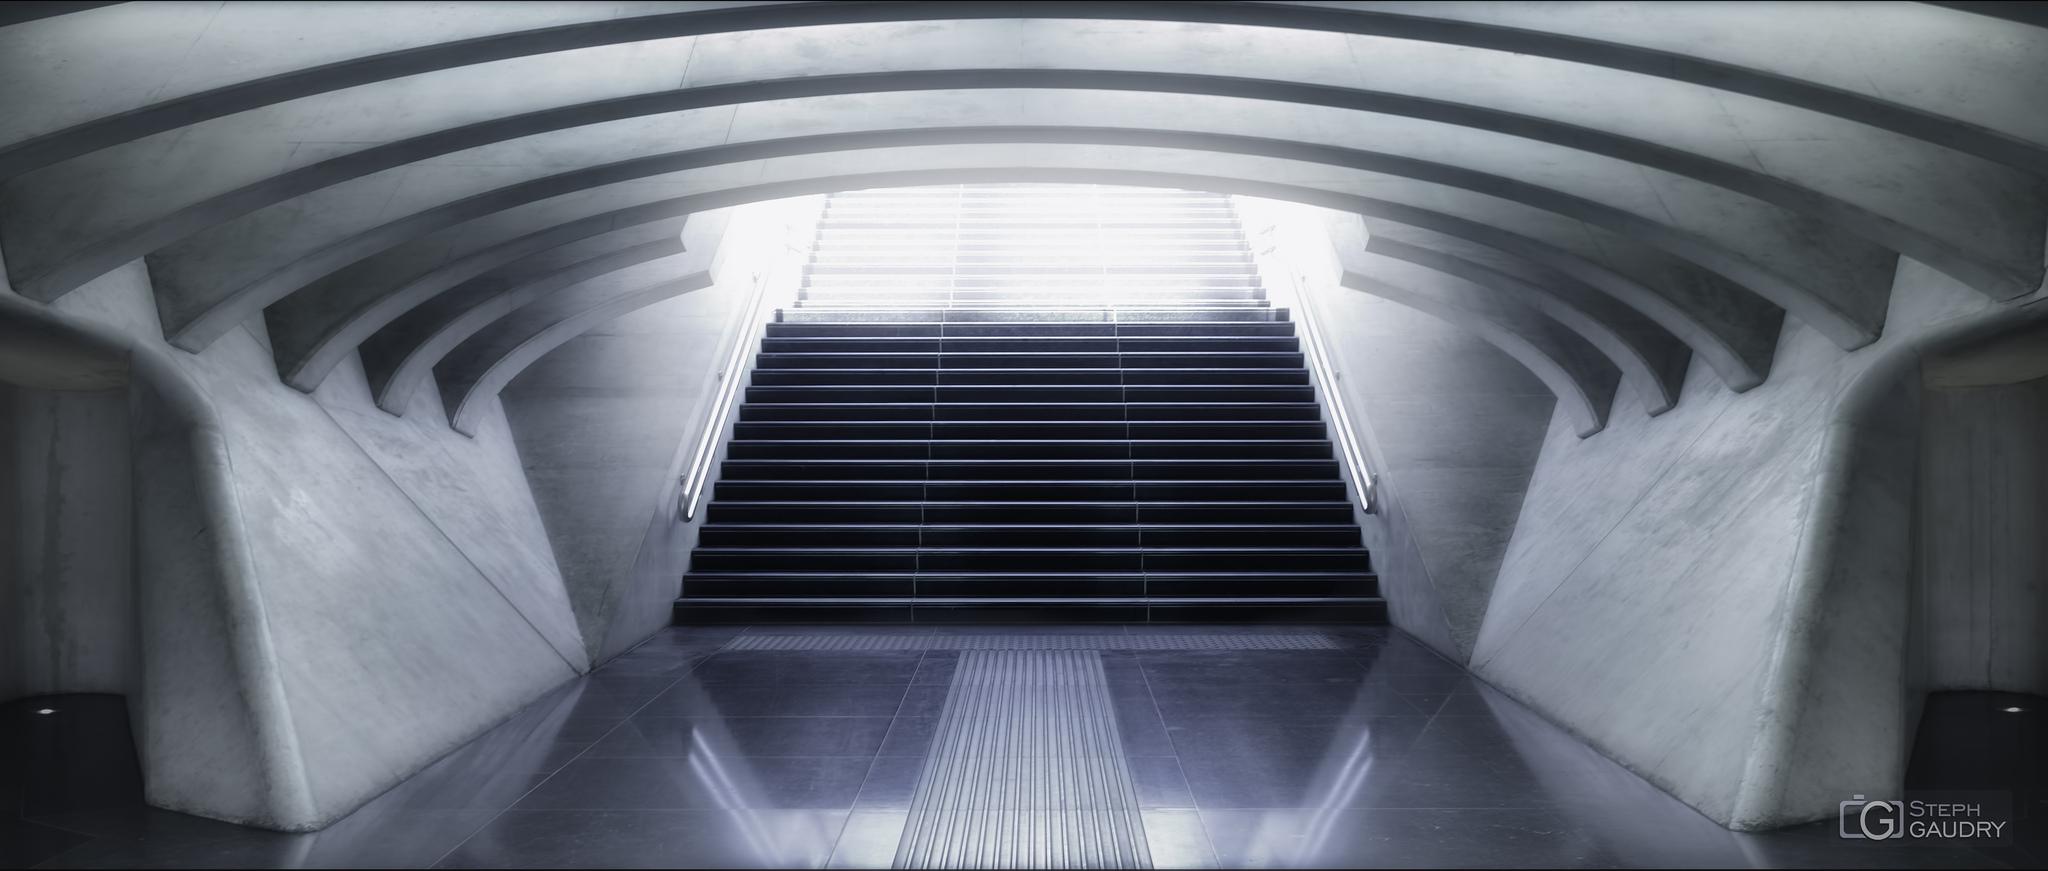 Liège Guillemins - vers la lumière - c1 [Cliquez pour lancer le diaporama]